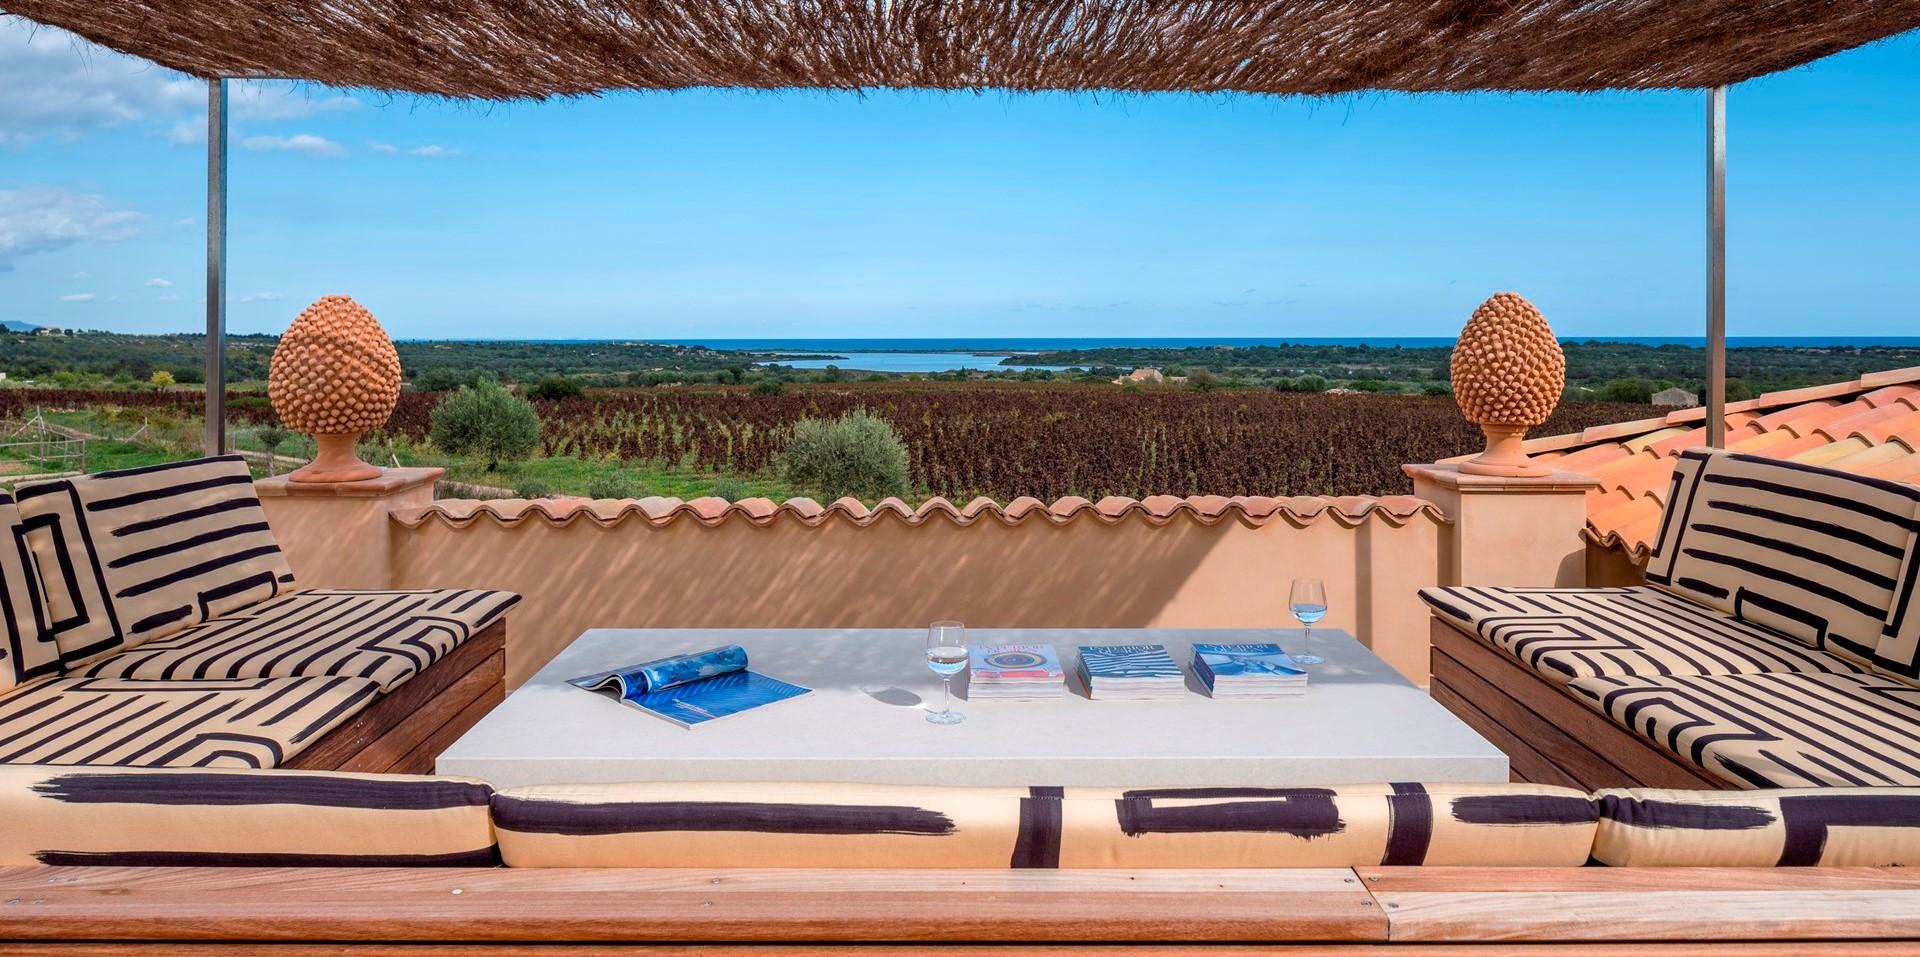 villa-dell-aquila-sicily-roof-terrace